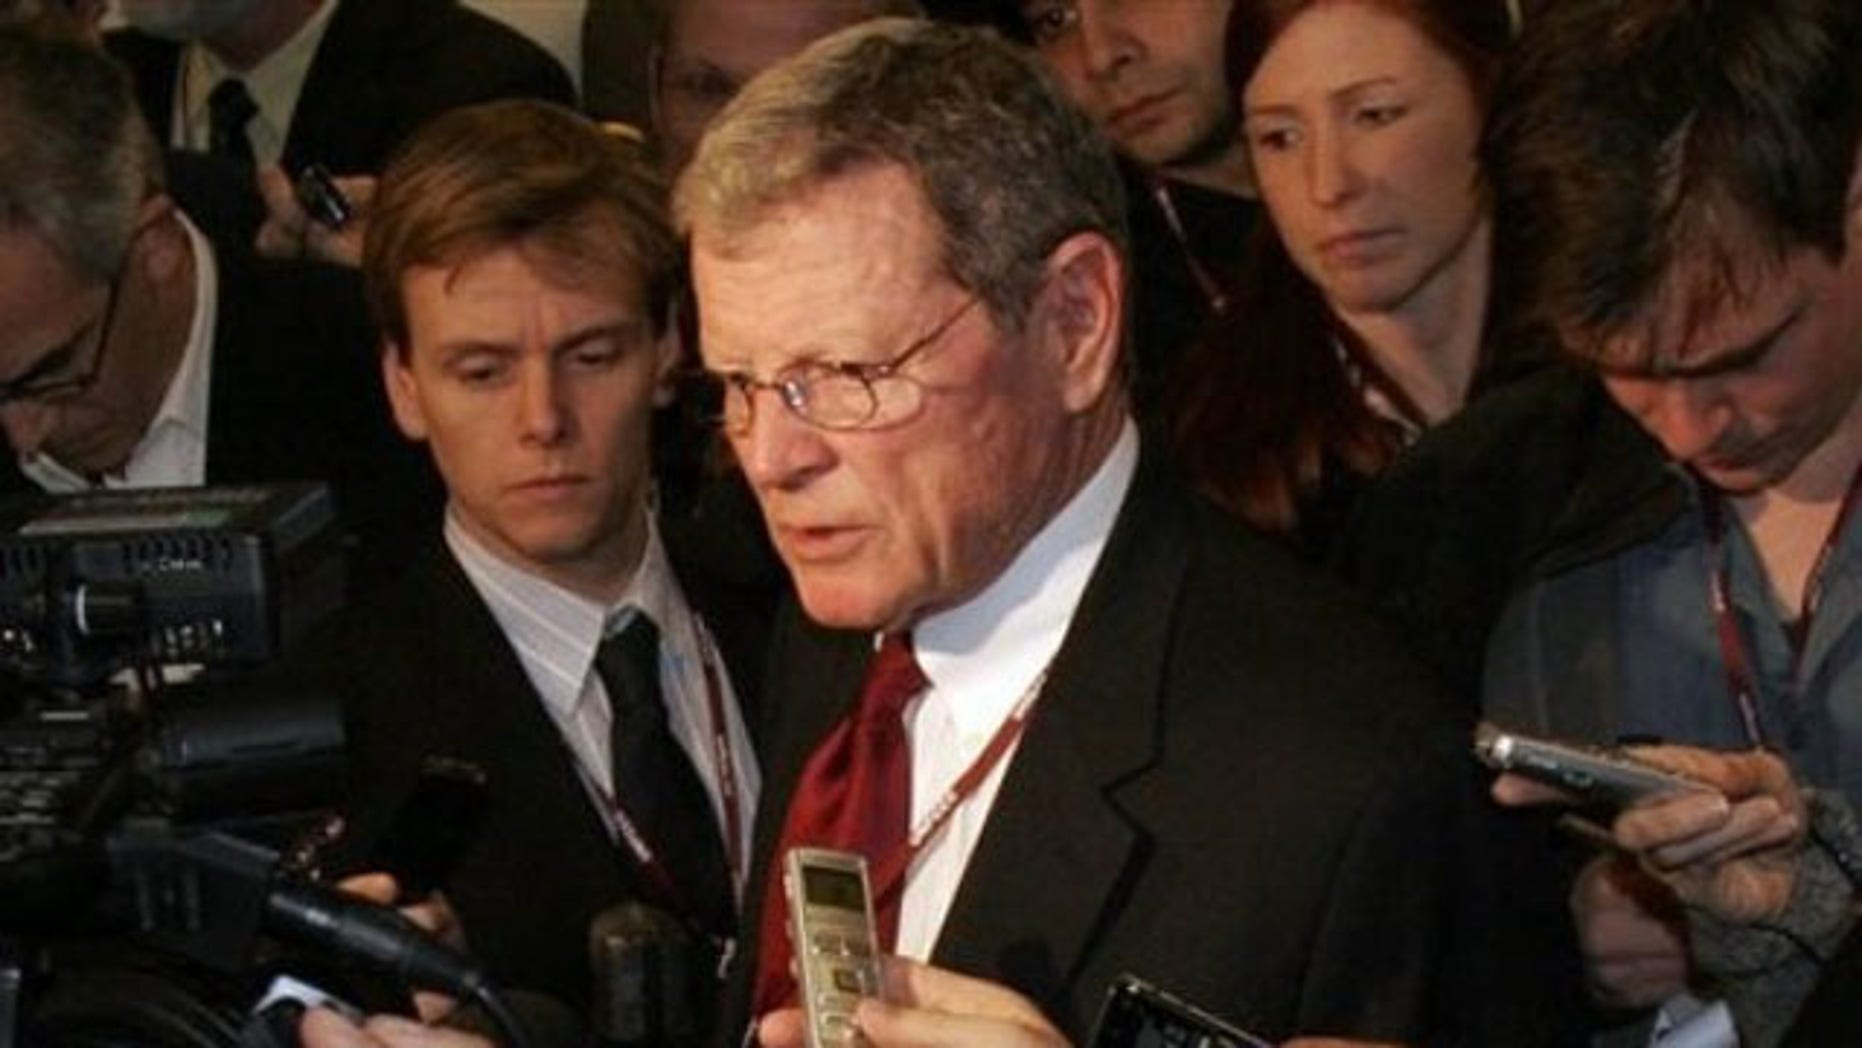 FILE: Dec. 17, 2009: Sen. James Inhofe speaks at a U.N. Climate Summit in Copenhagen.